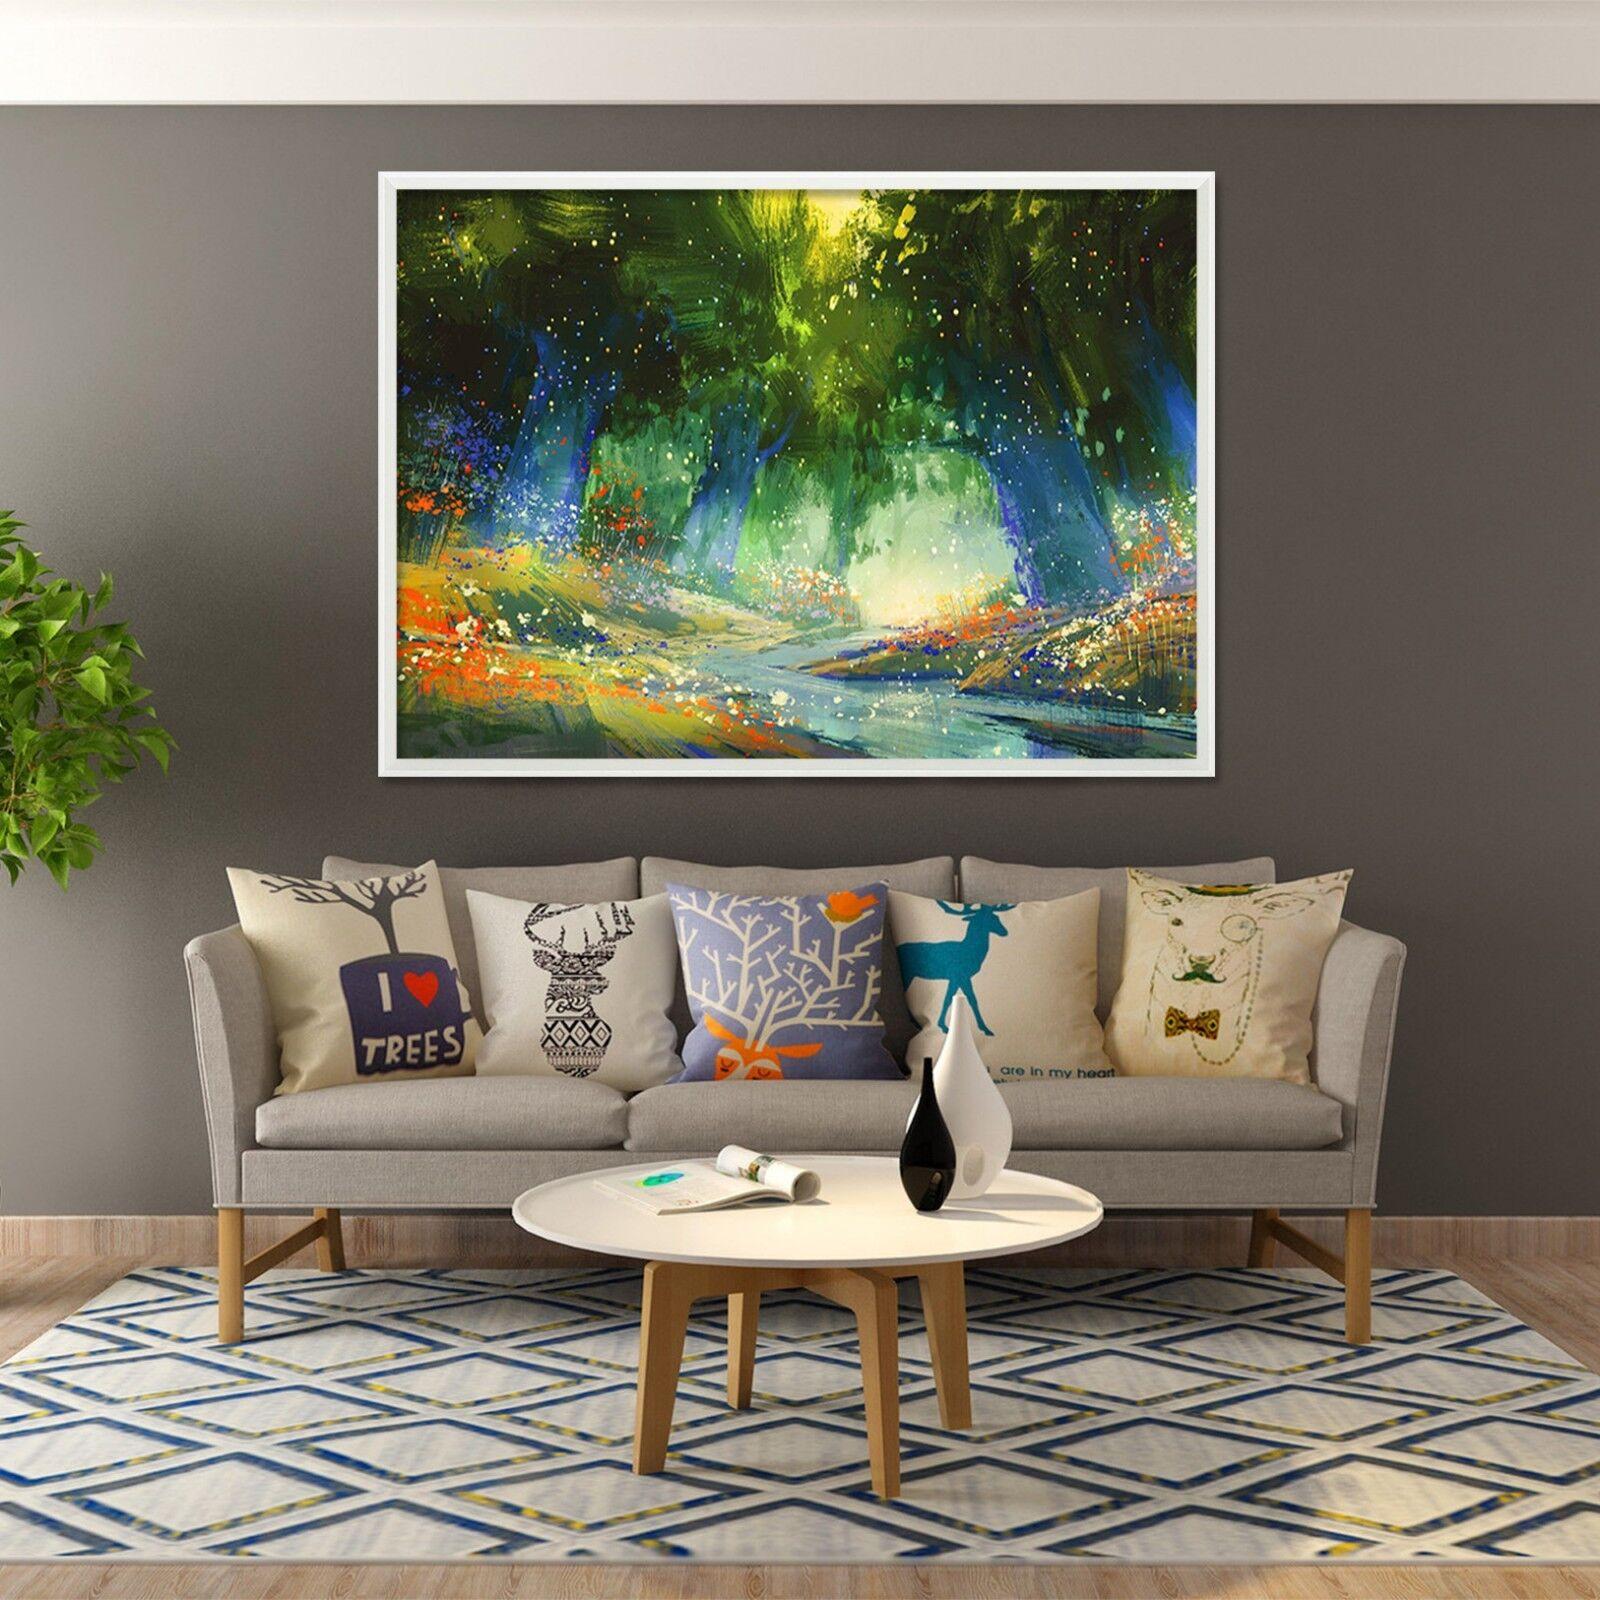 3D Pintura Bosque 2 Enmarcado Cartel Decoración del Hogar Pintura de Impresión Arte AJ Wallpaper